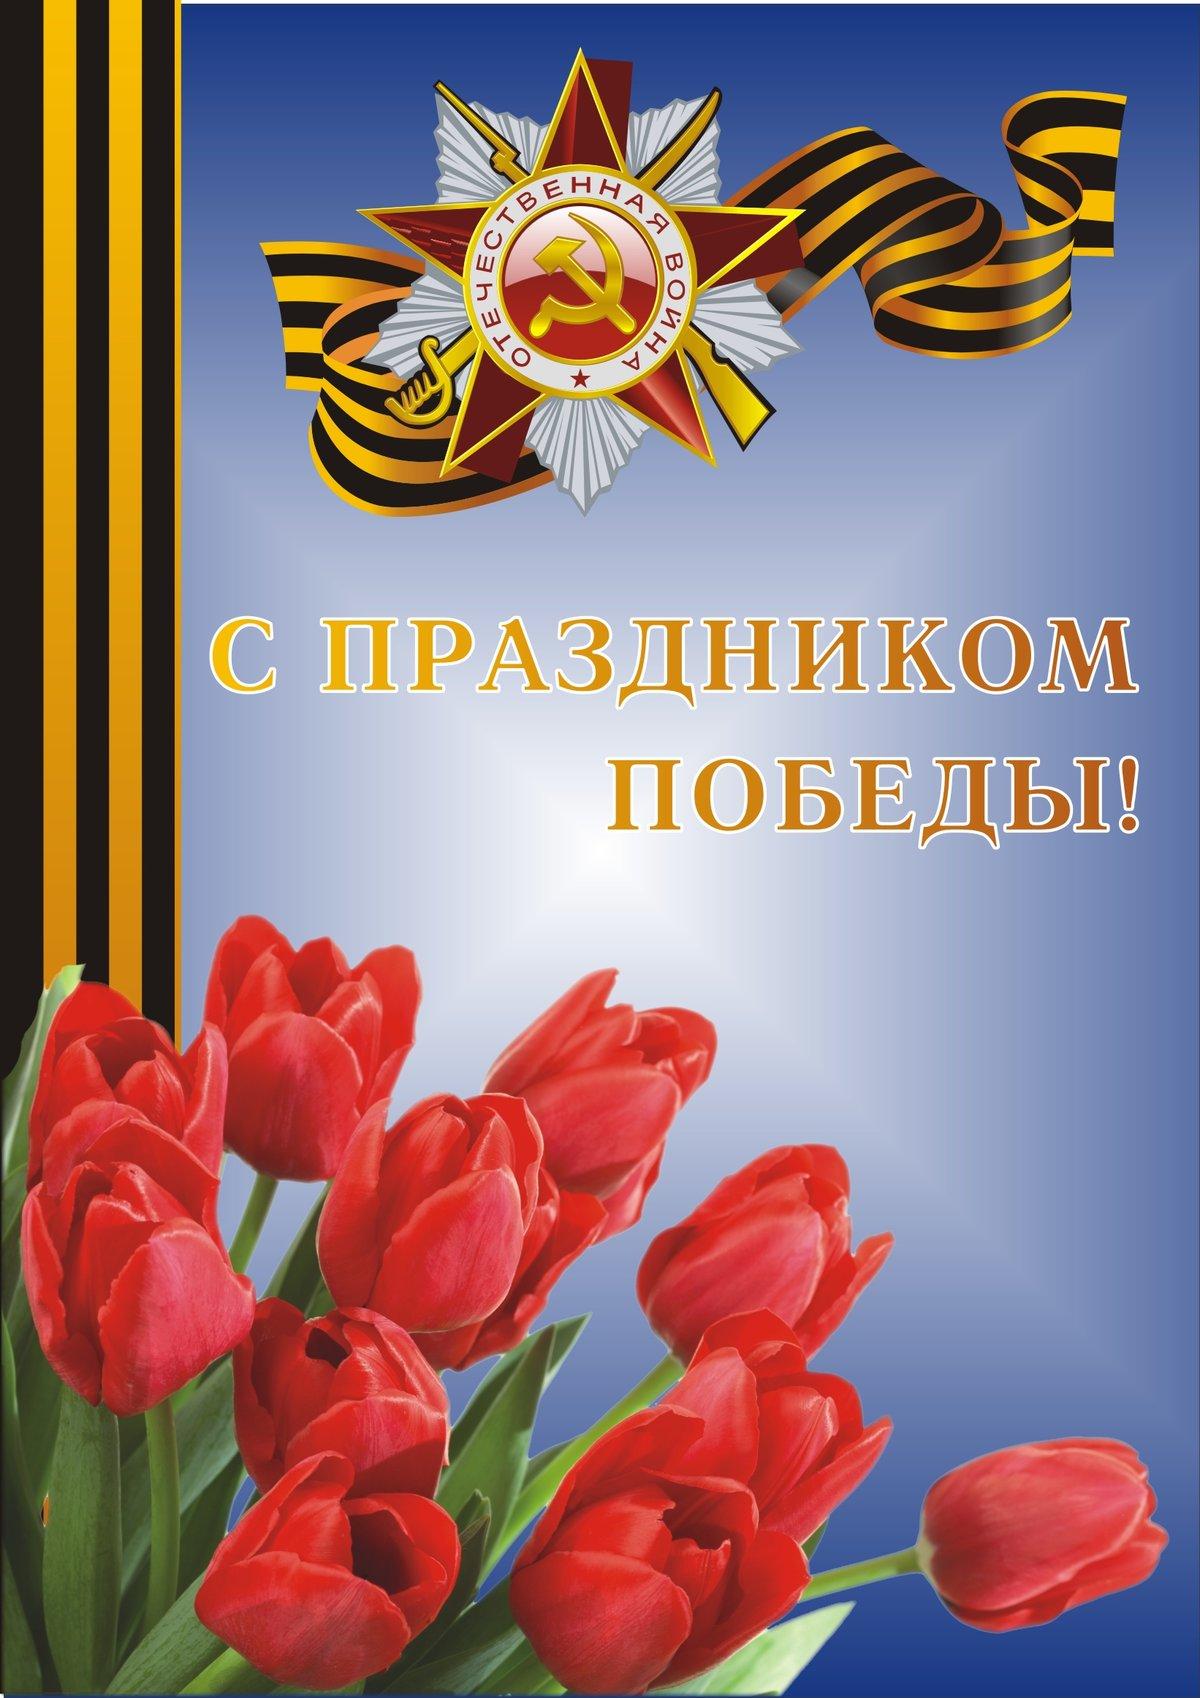 Открытки летием, картинка для открытки к 9 мая